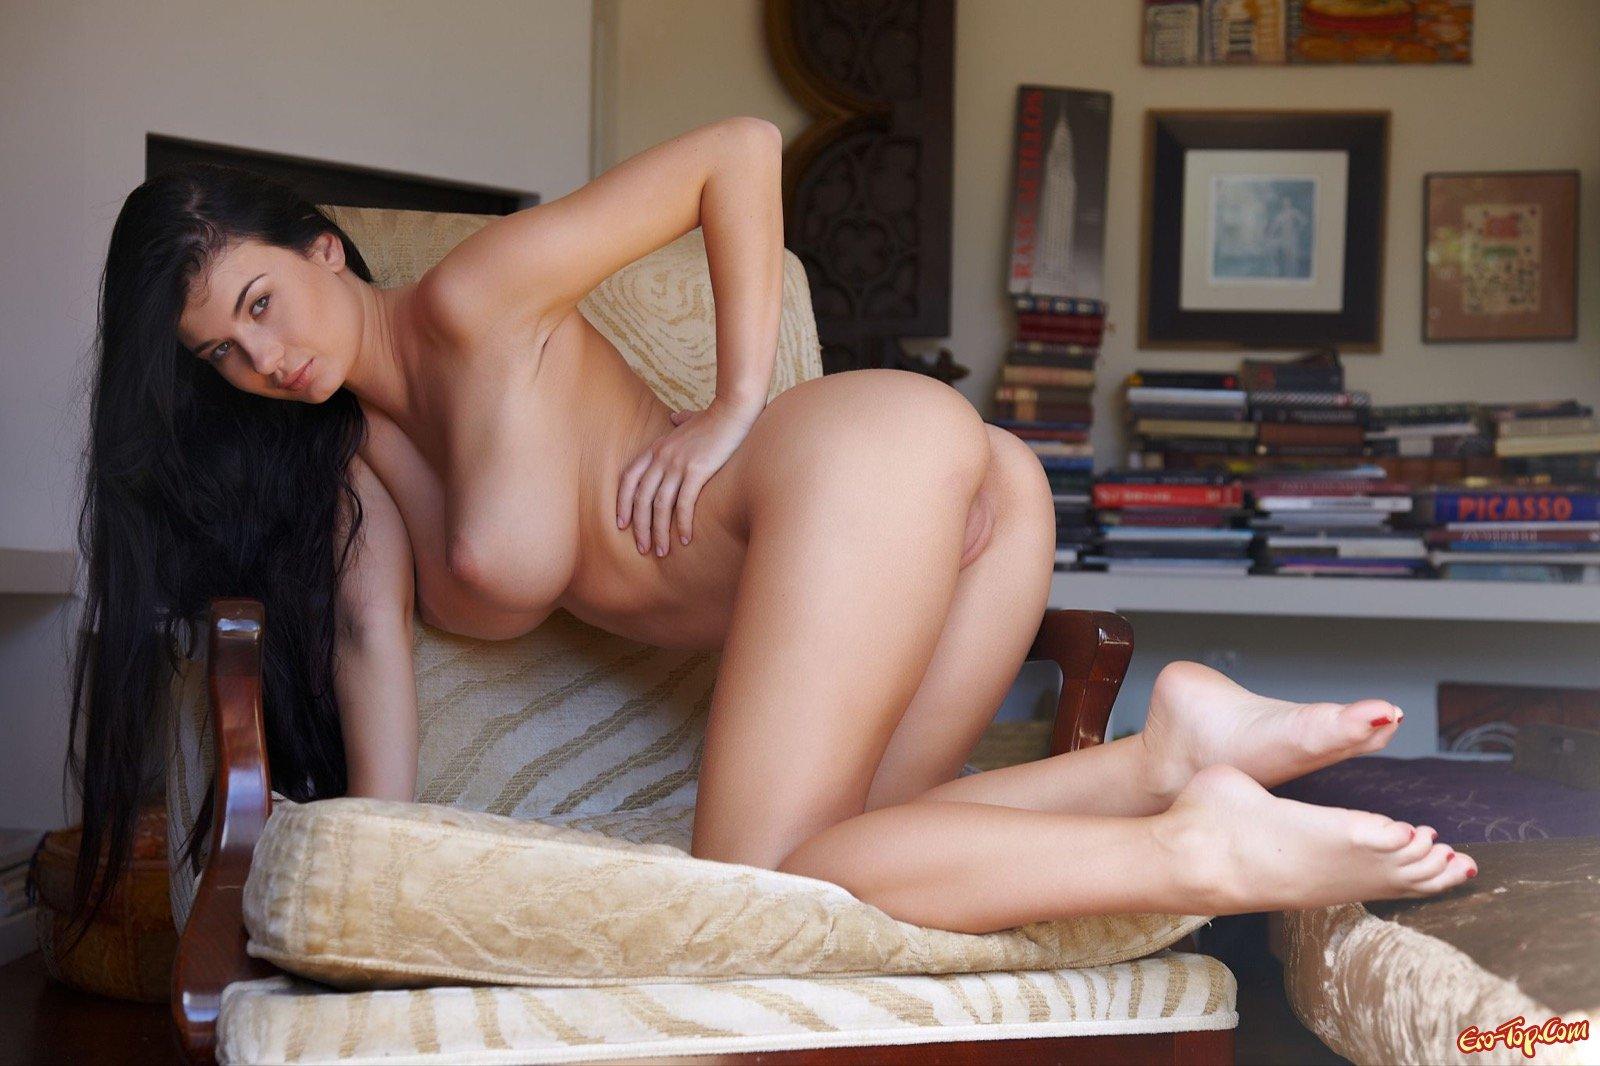 Девка стягивает платье и обнажает крупную грудь